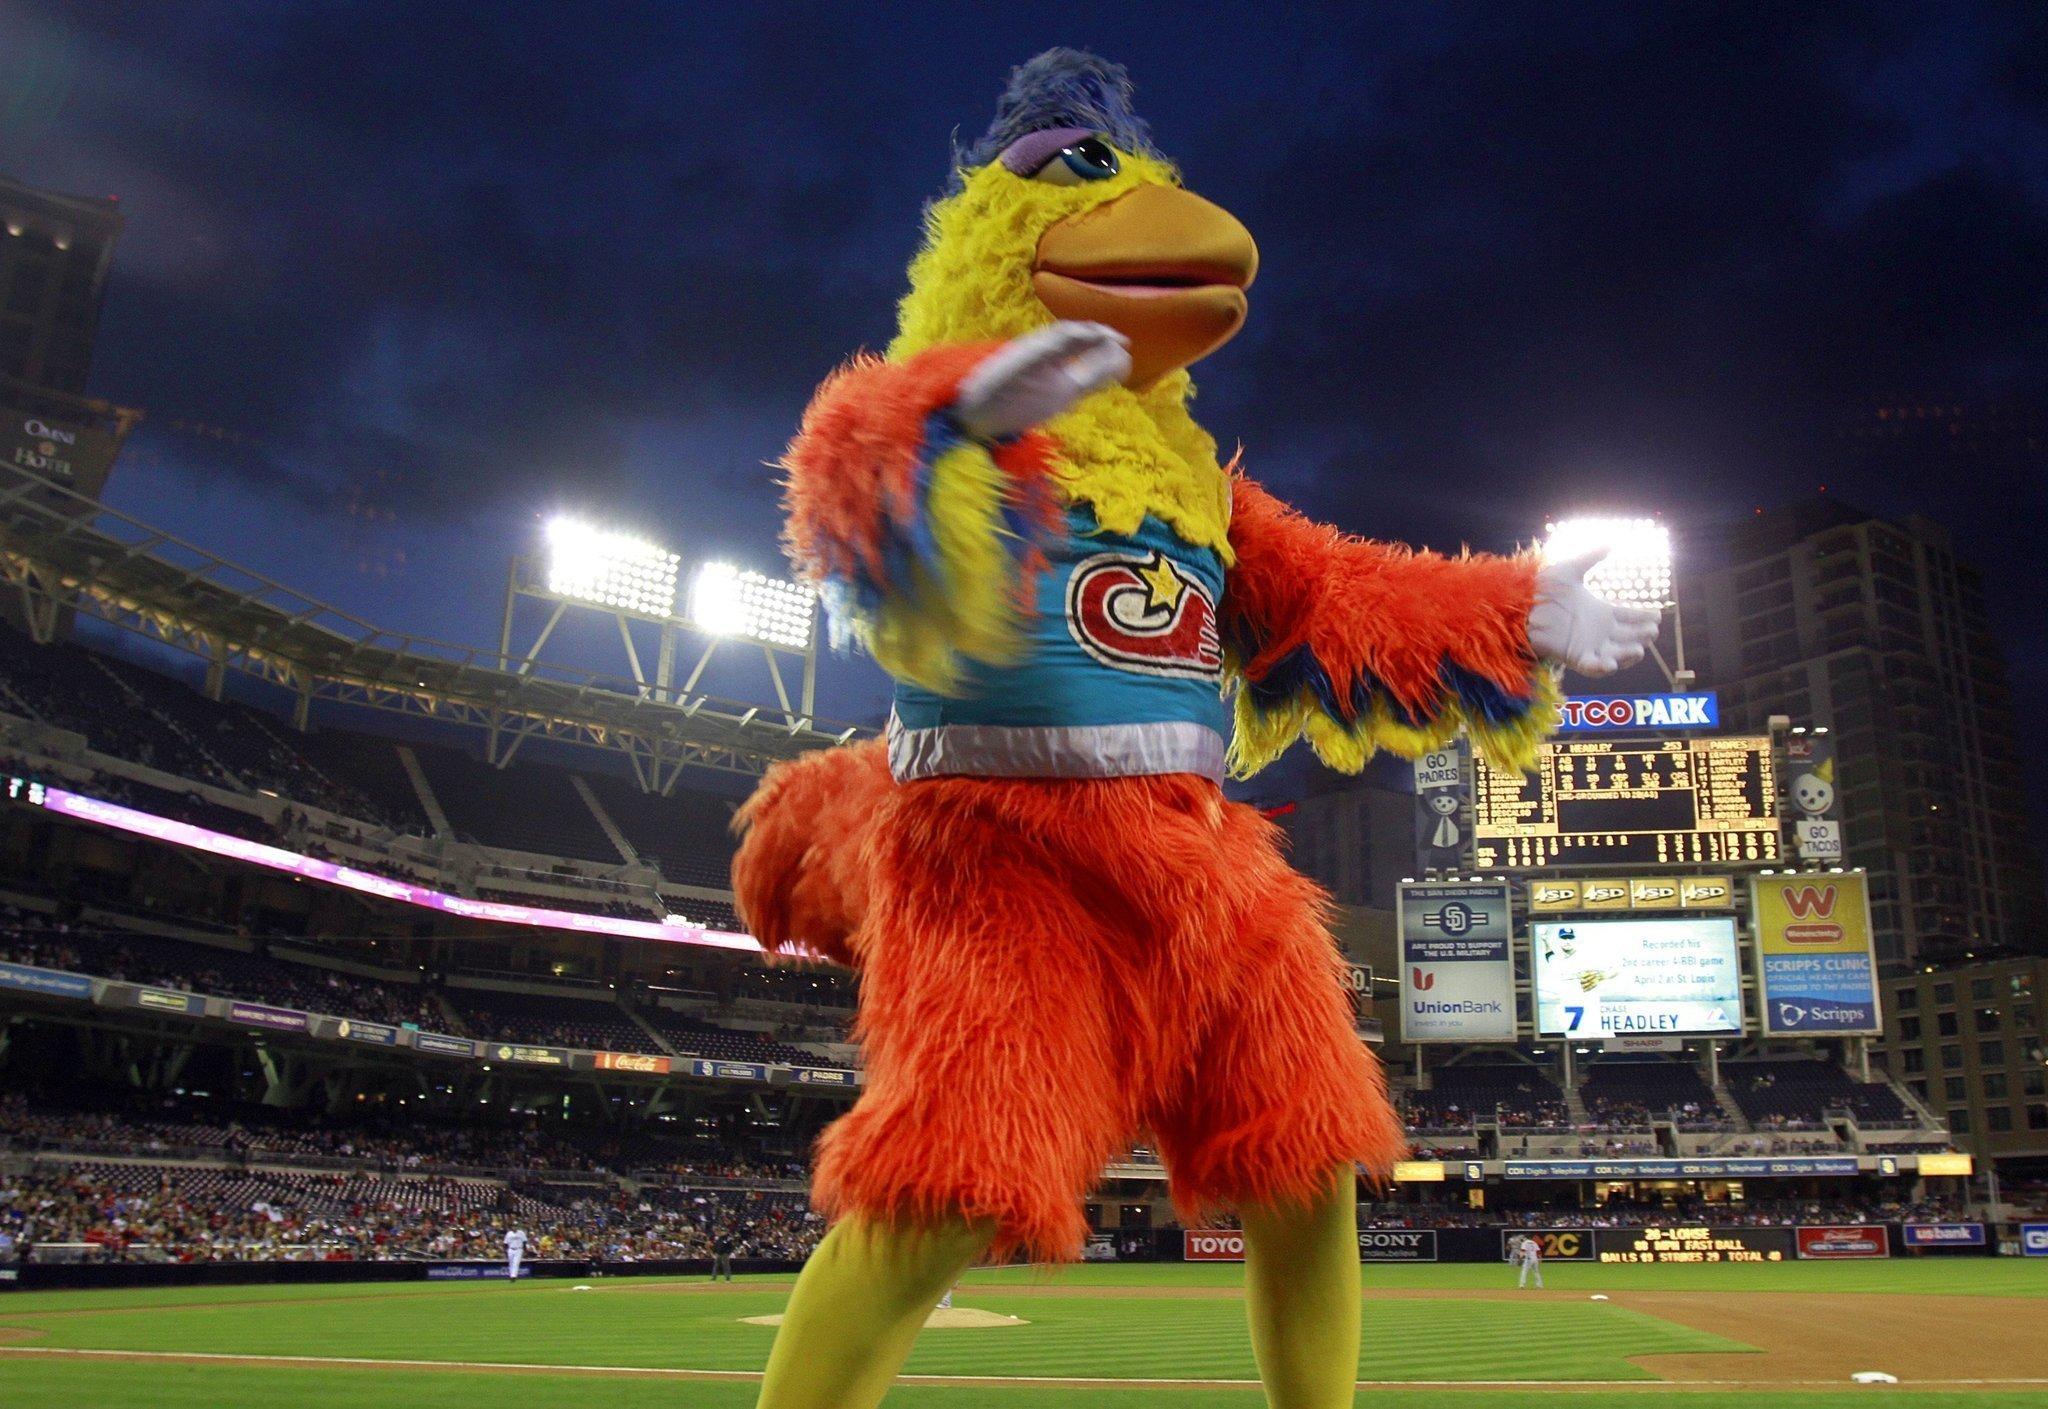 The Chicken S Still Kicking The San Diego Union Tribune